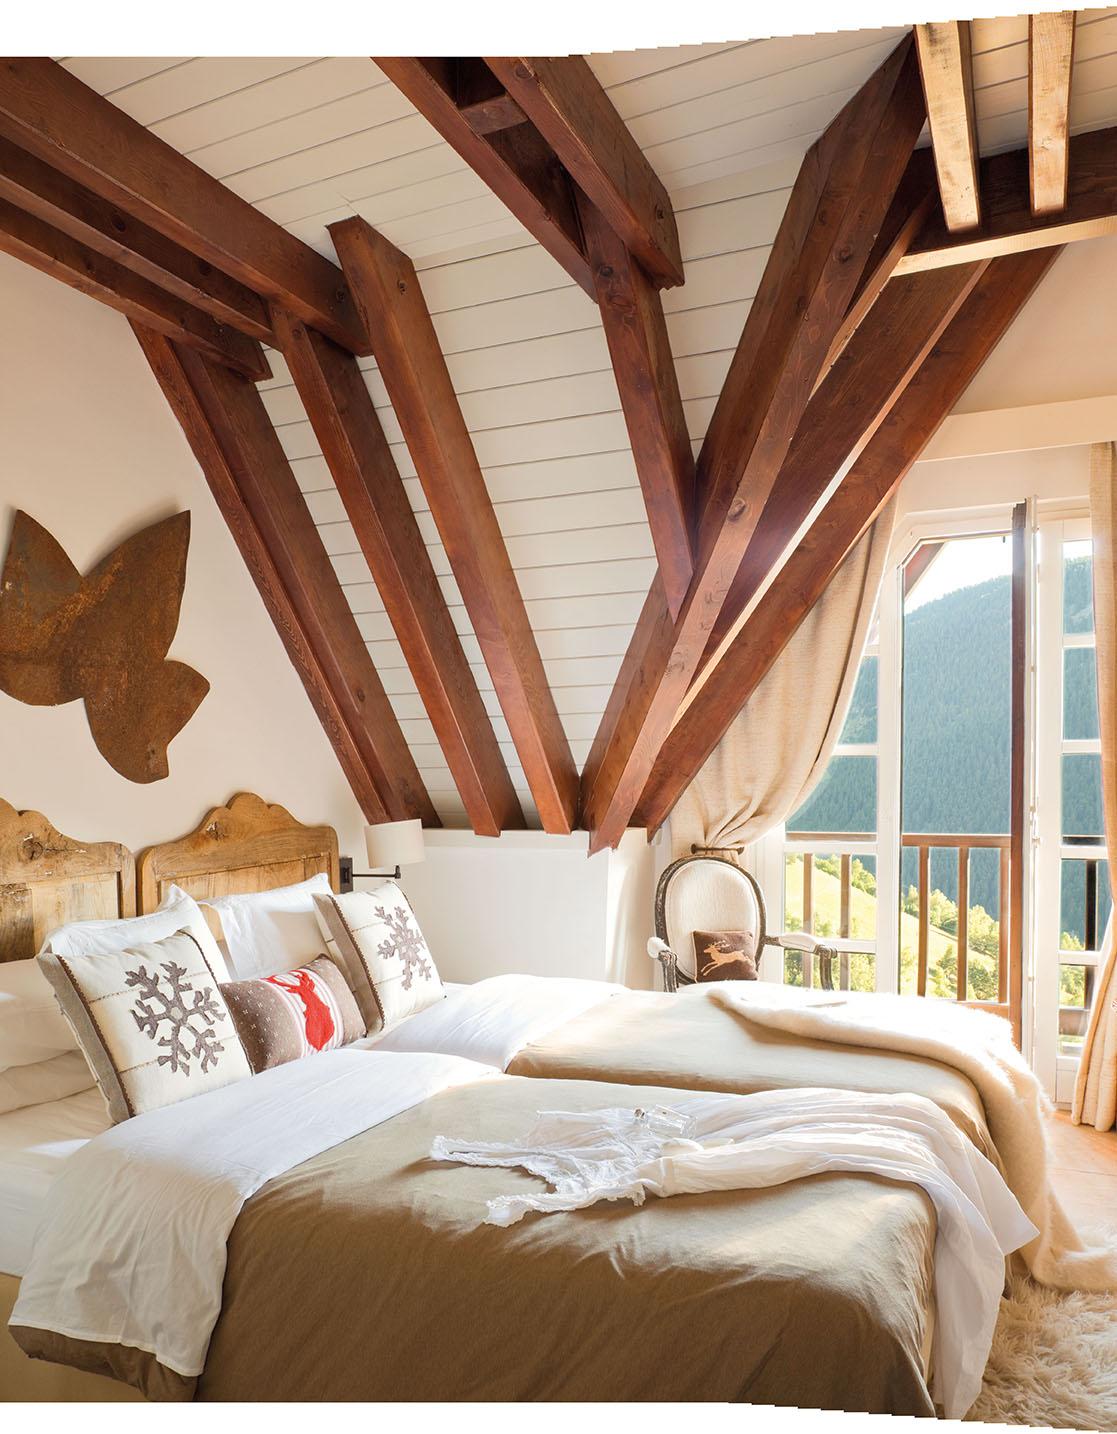 Dormitorio Principal Revestido En Madera Blanca, Con Vigas En Madera  Natural Y Detalle Decorativo Con